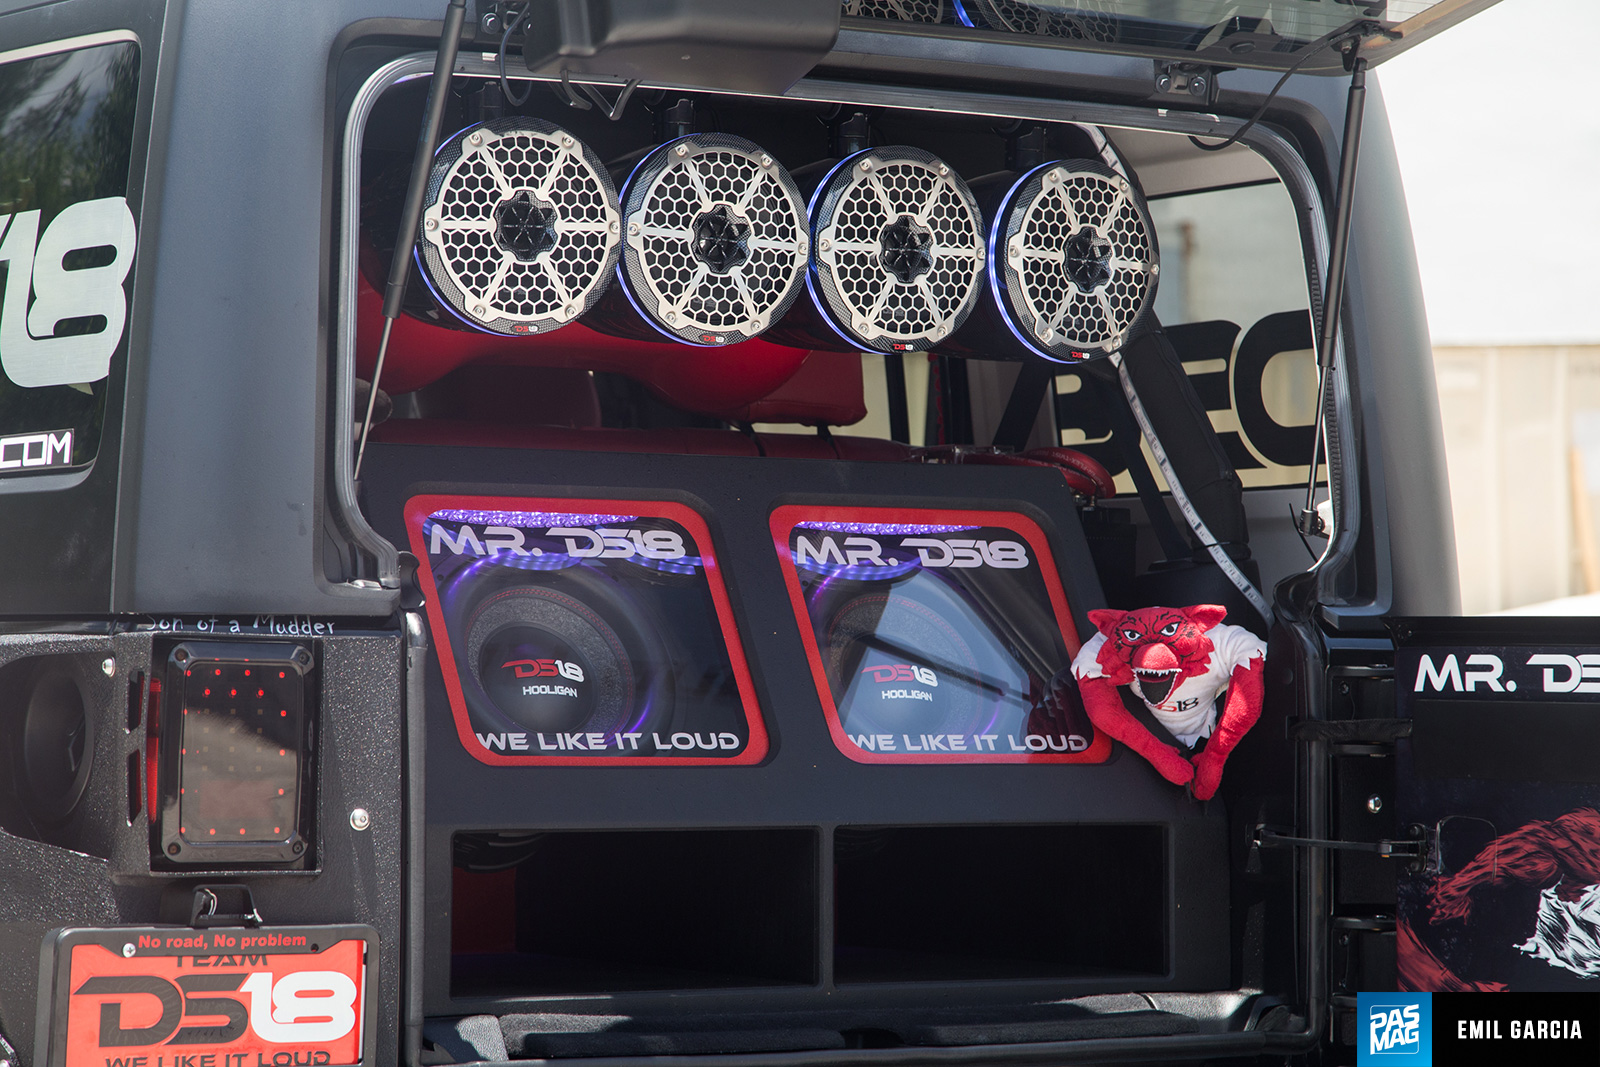 2 Door Jeep Jk 4 Inch Lift 2014 Jeep Jk Wrangler Gets